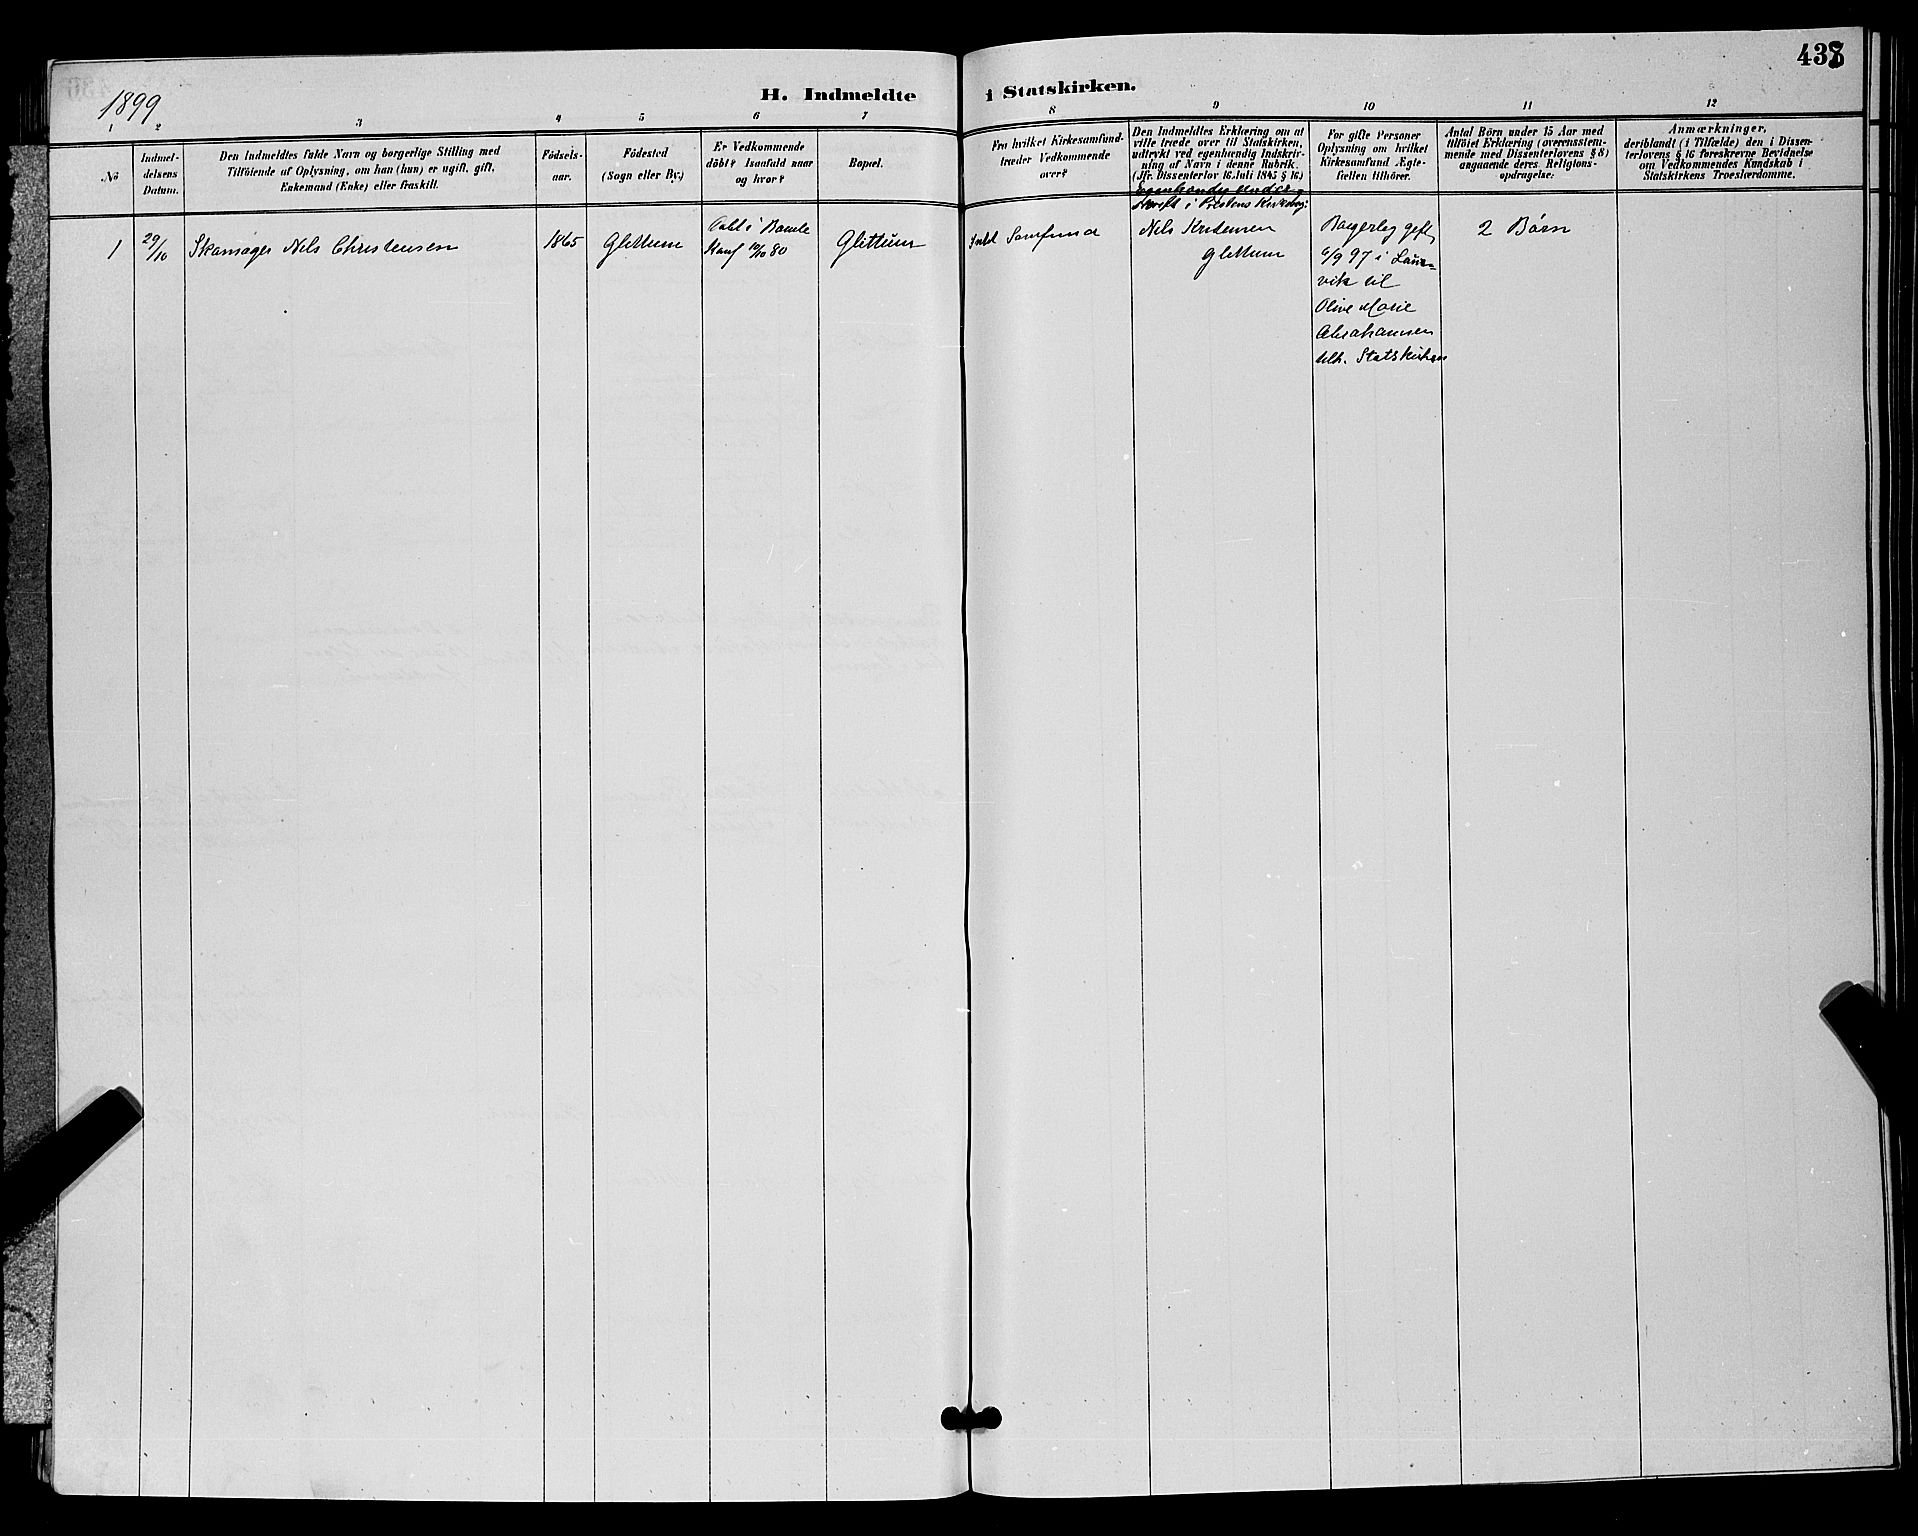 SAKO, Bamble kirkebøker, G/Ga/L0009: Klokkerbok nr. I 9, 1888-1900, s. 438